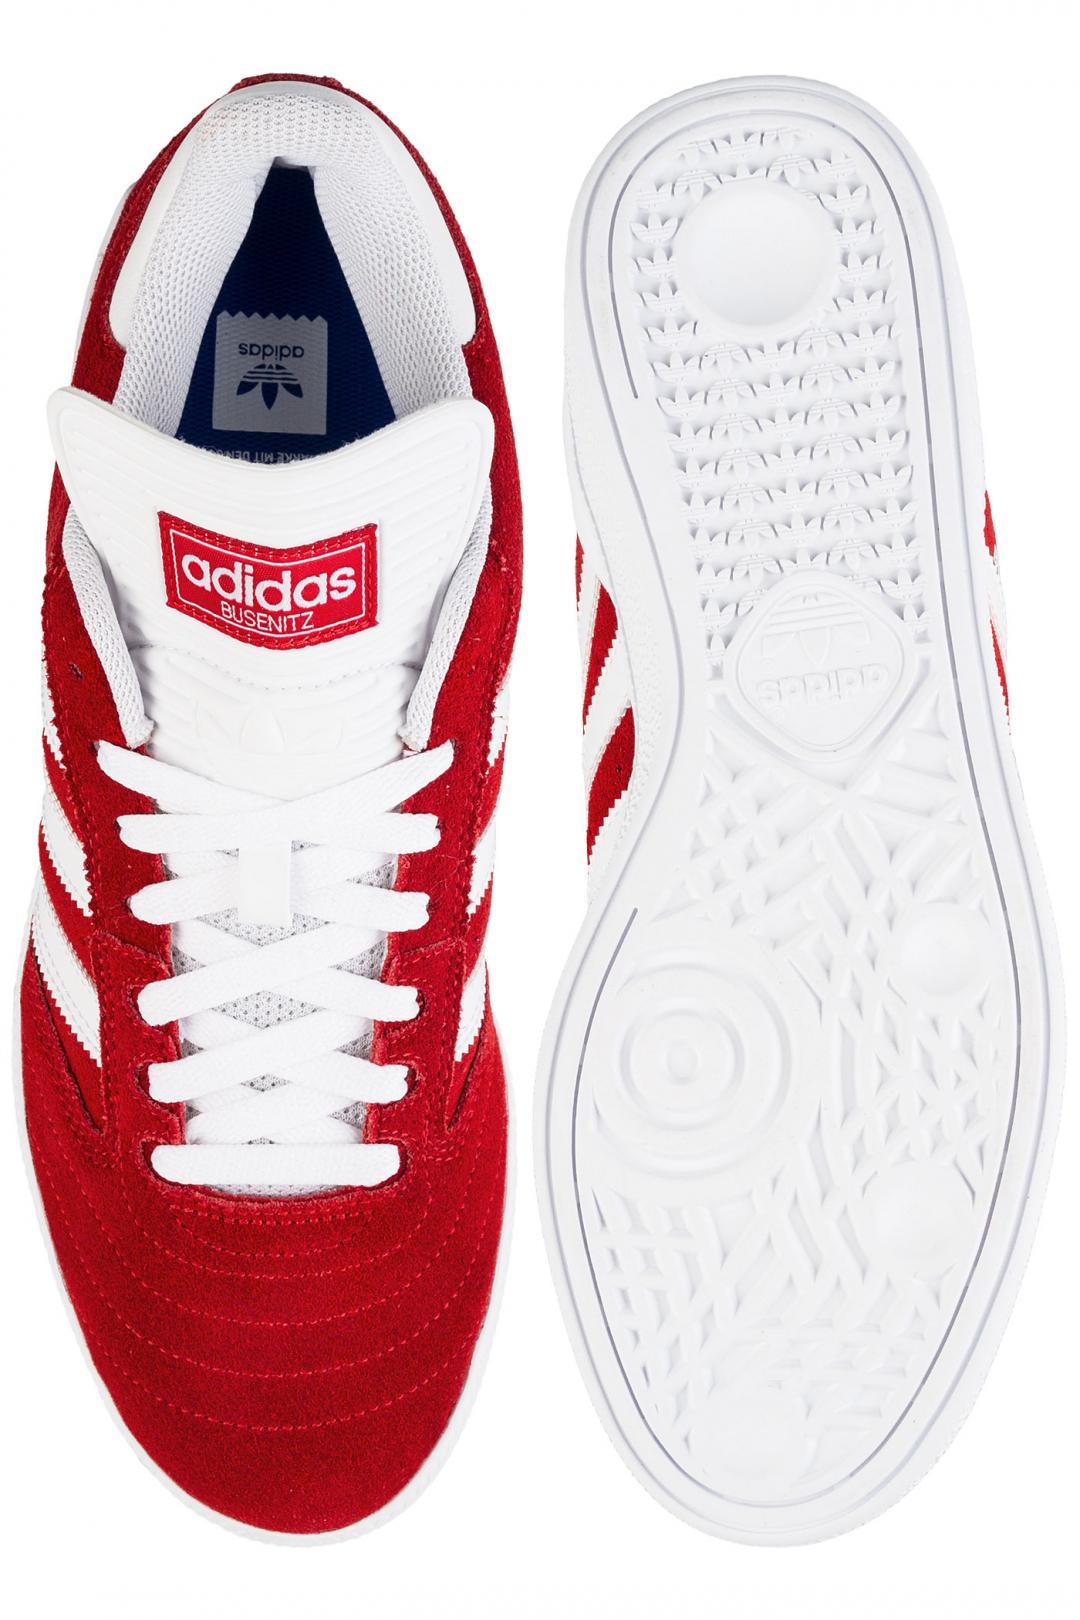 Uomo adidas Skateboarding Busenitz scarlet white white   Sneaker